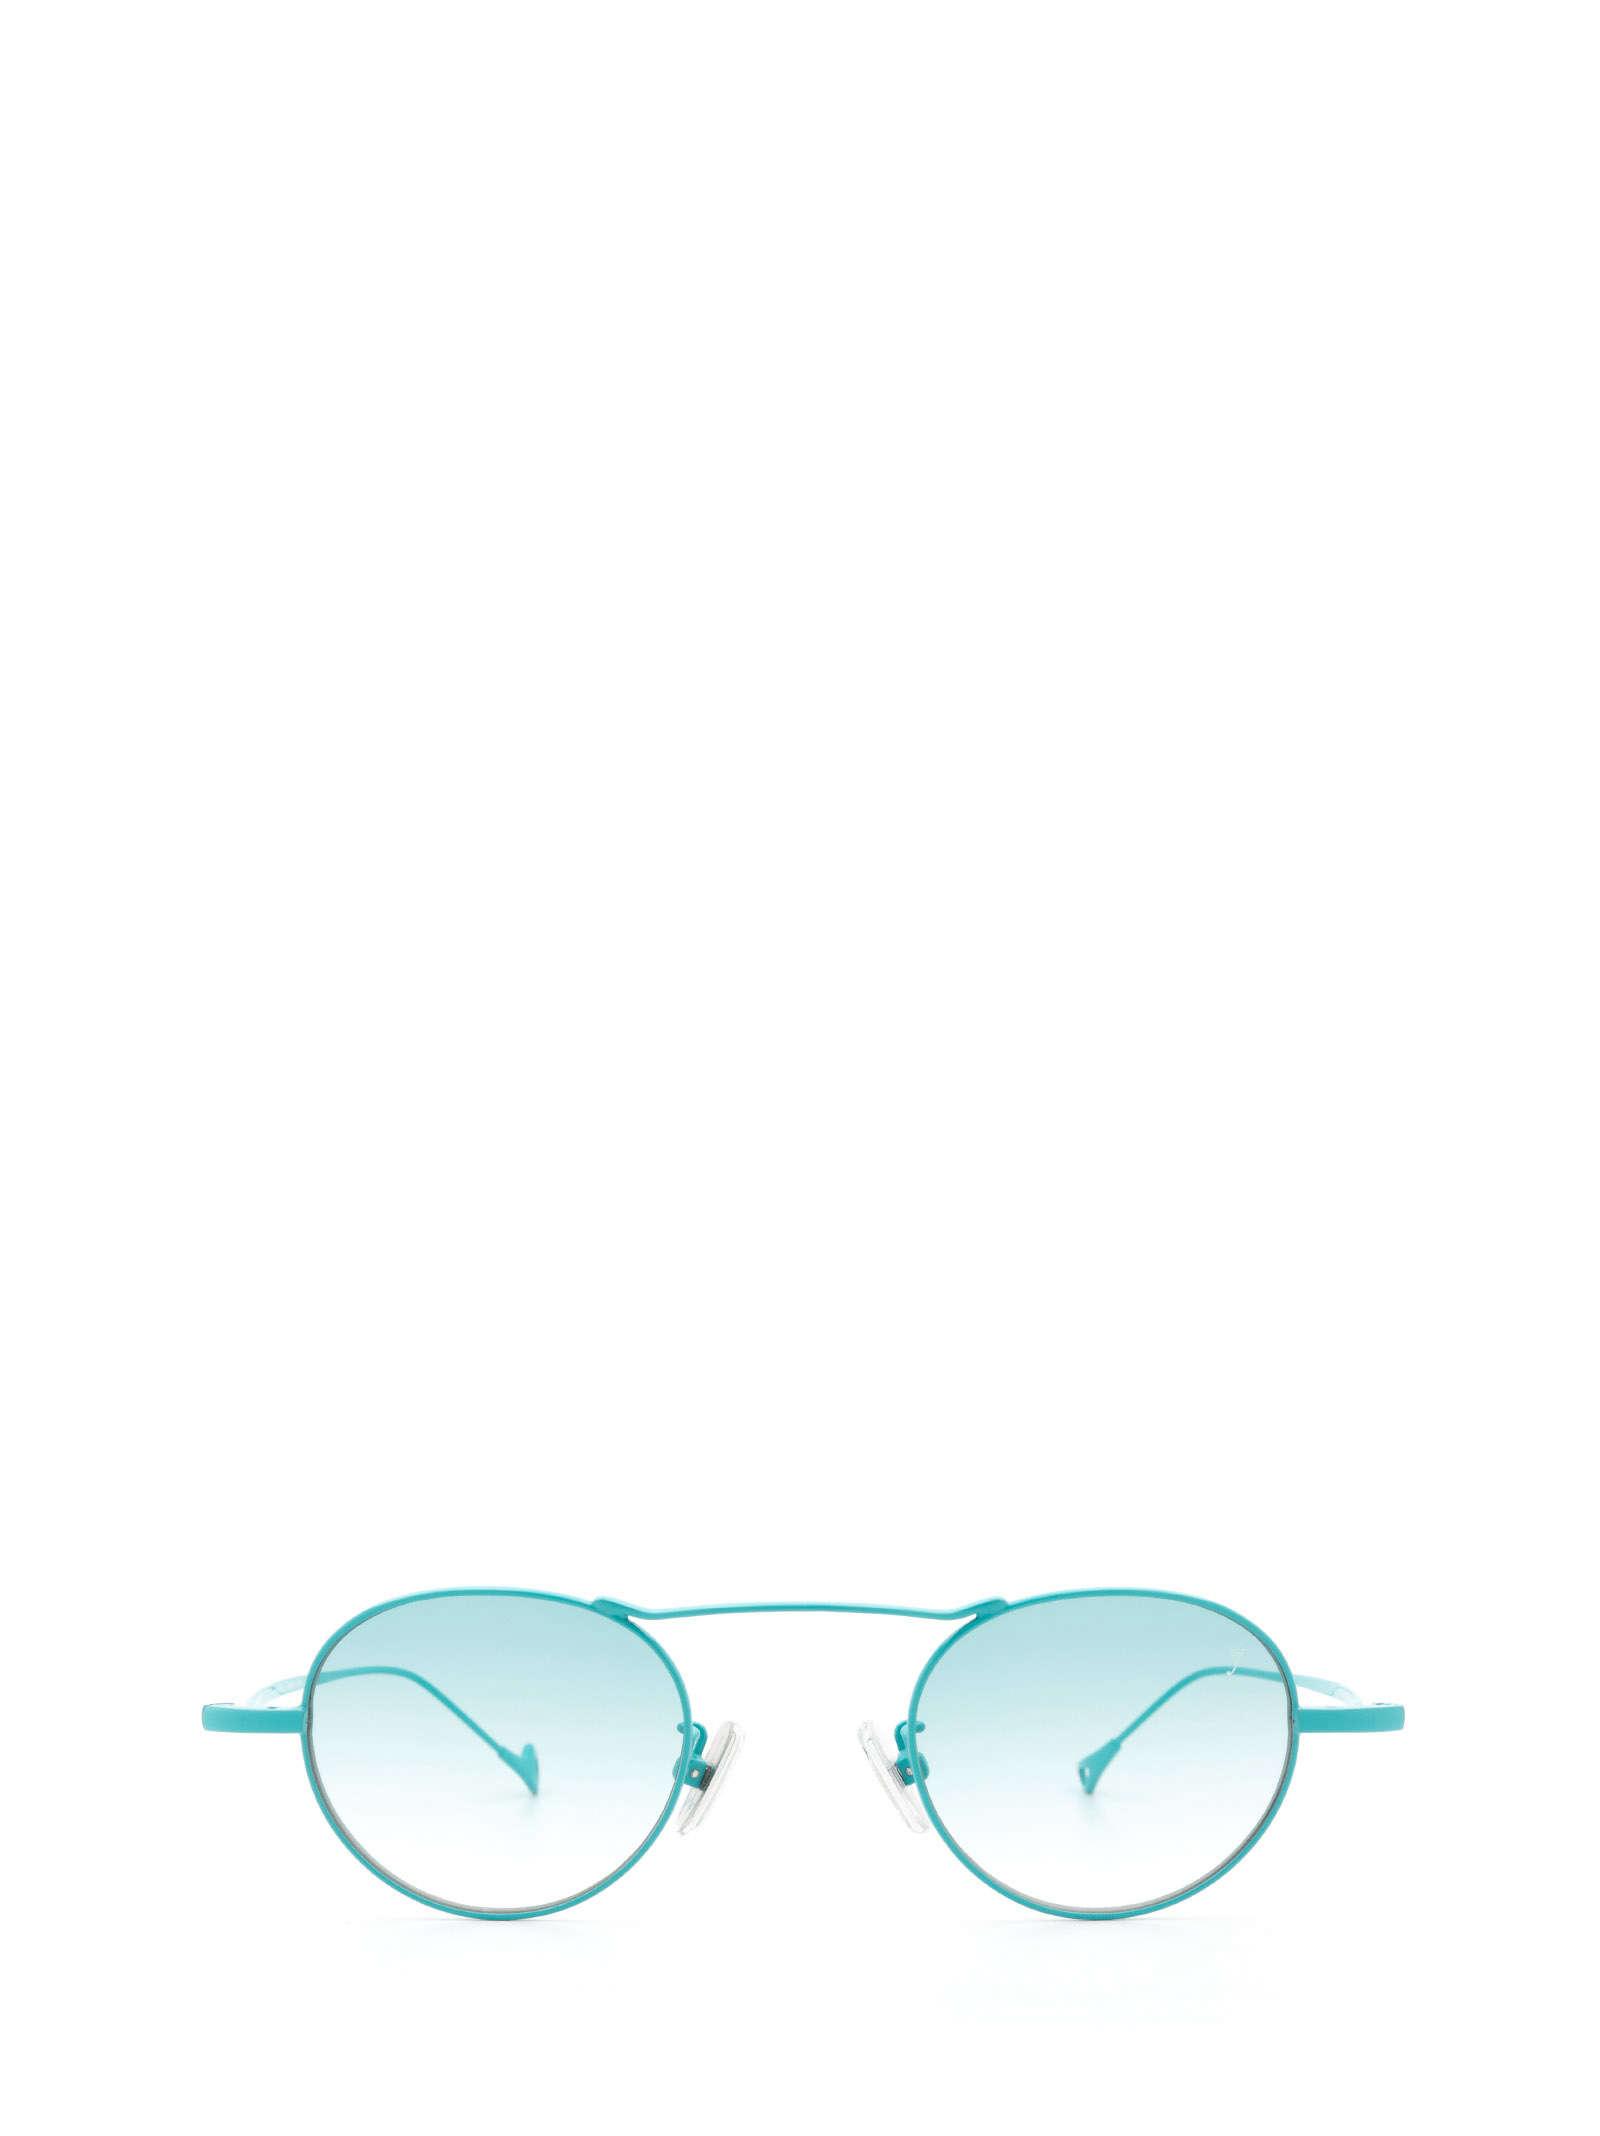 Eyepetizer Eyepetizer Yves C.14-21 Sunglasses